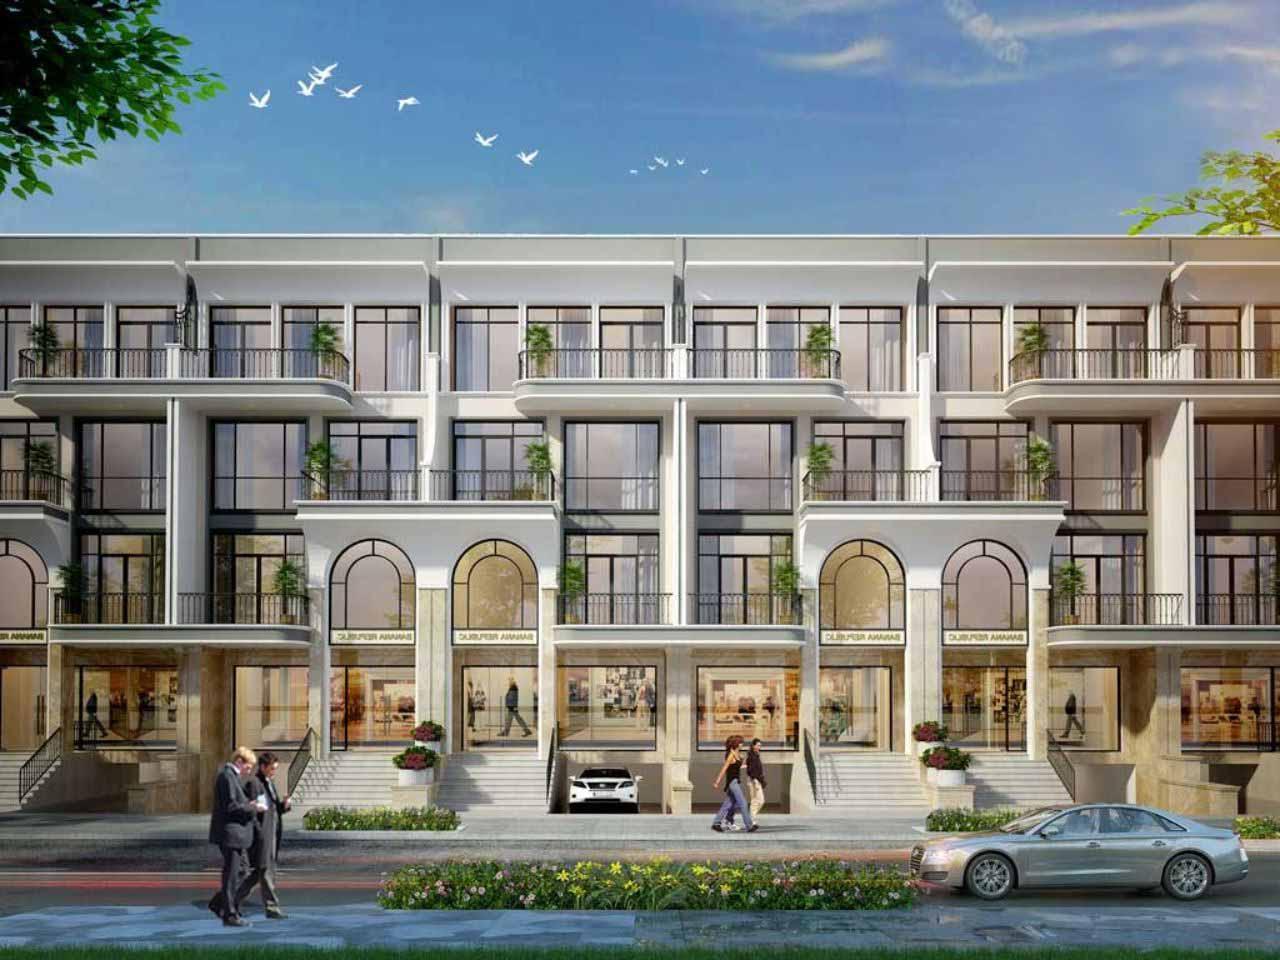 thiết kế kiến trúc biệt thự vạn phúc city